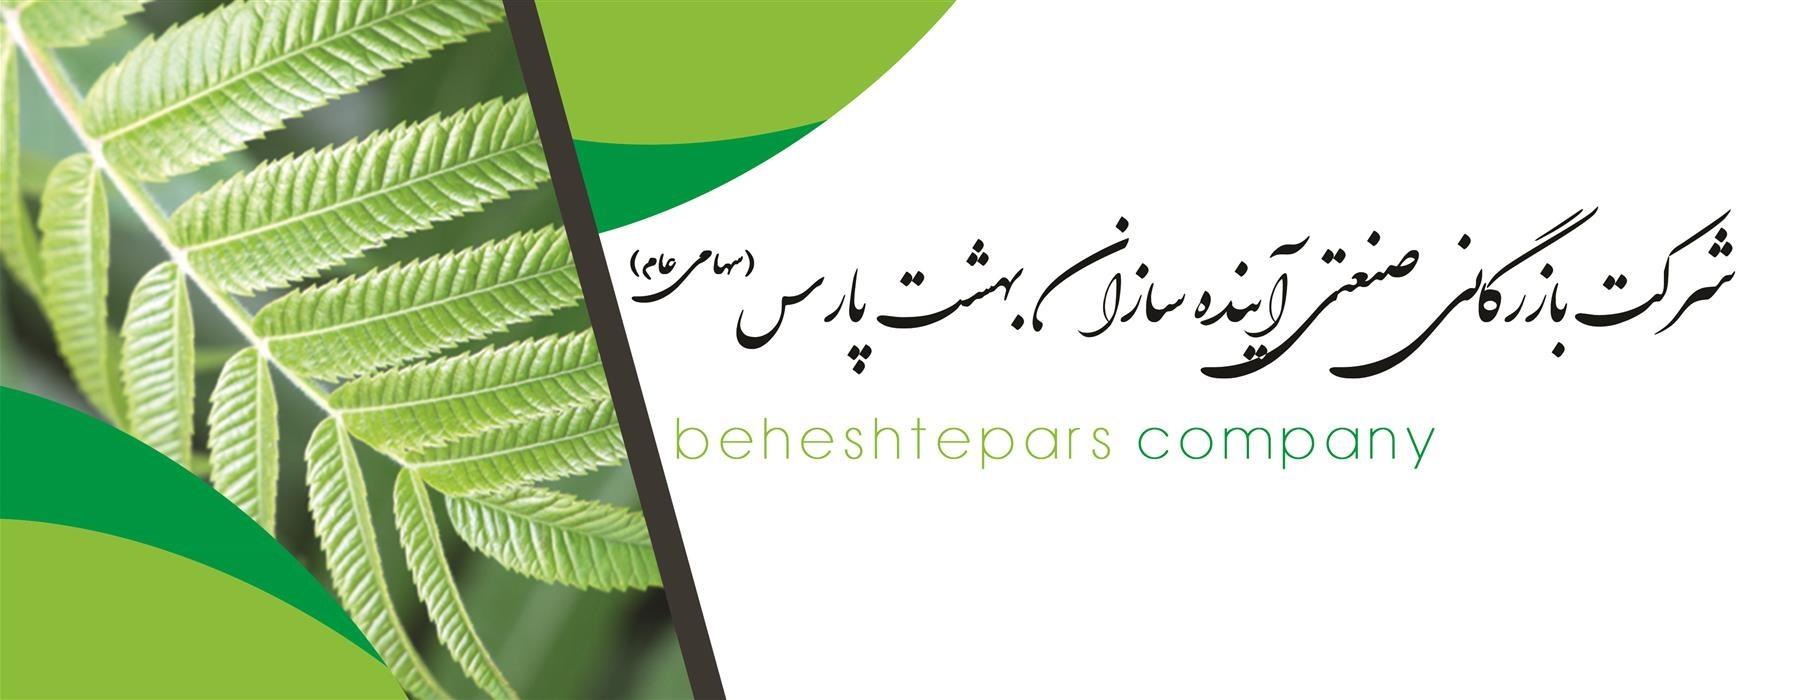 بهشت پارس مصوبات هیأت مدیره را منتشر کرد